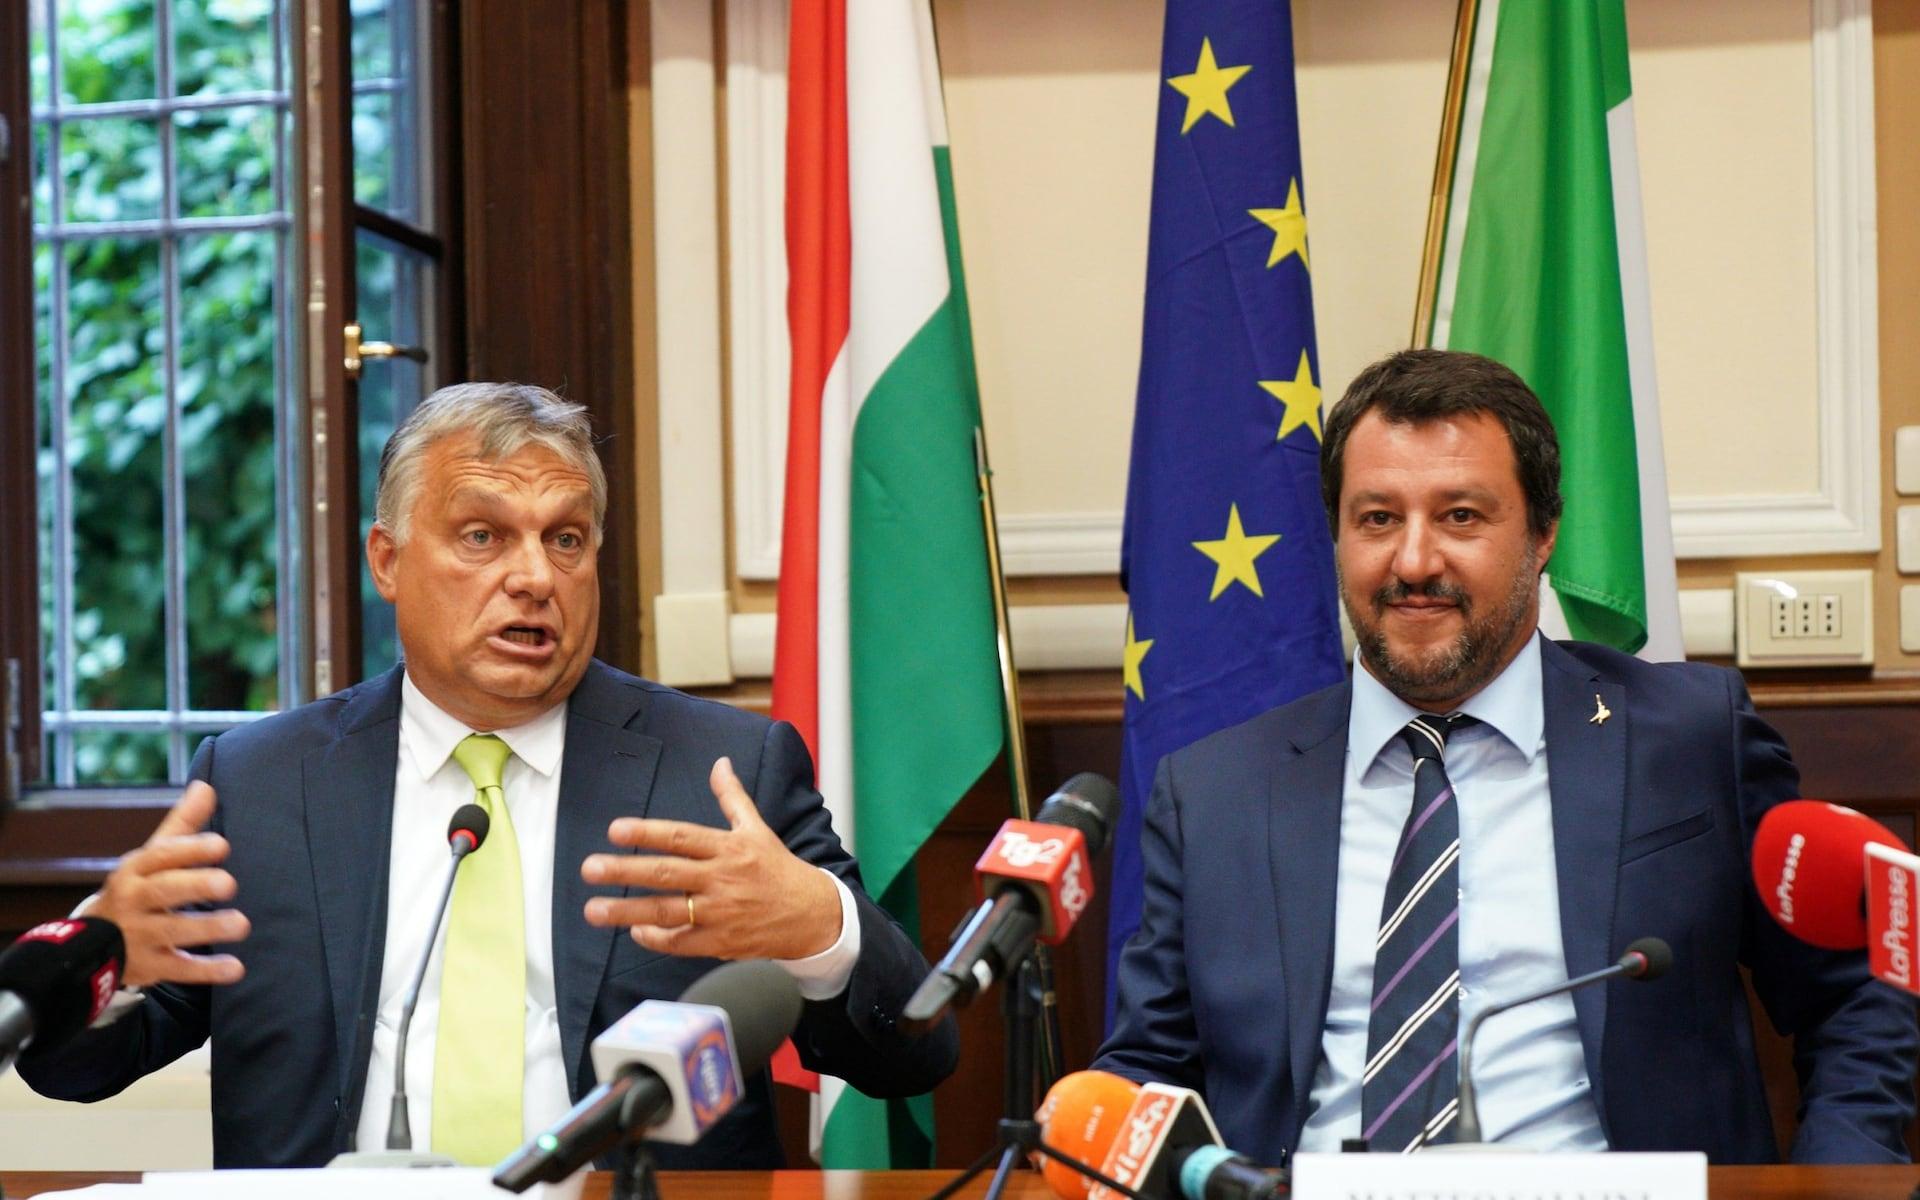 유럽1-폴란드 총리와 이탈리아 내무장관, 이민자 추방에 뜻 모아 텔레그래프지.jpeg